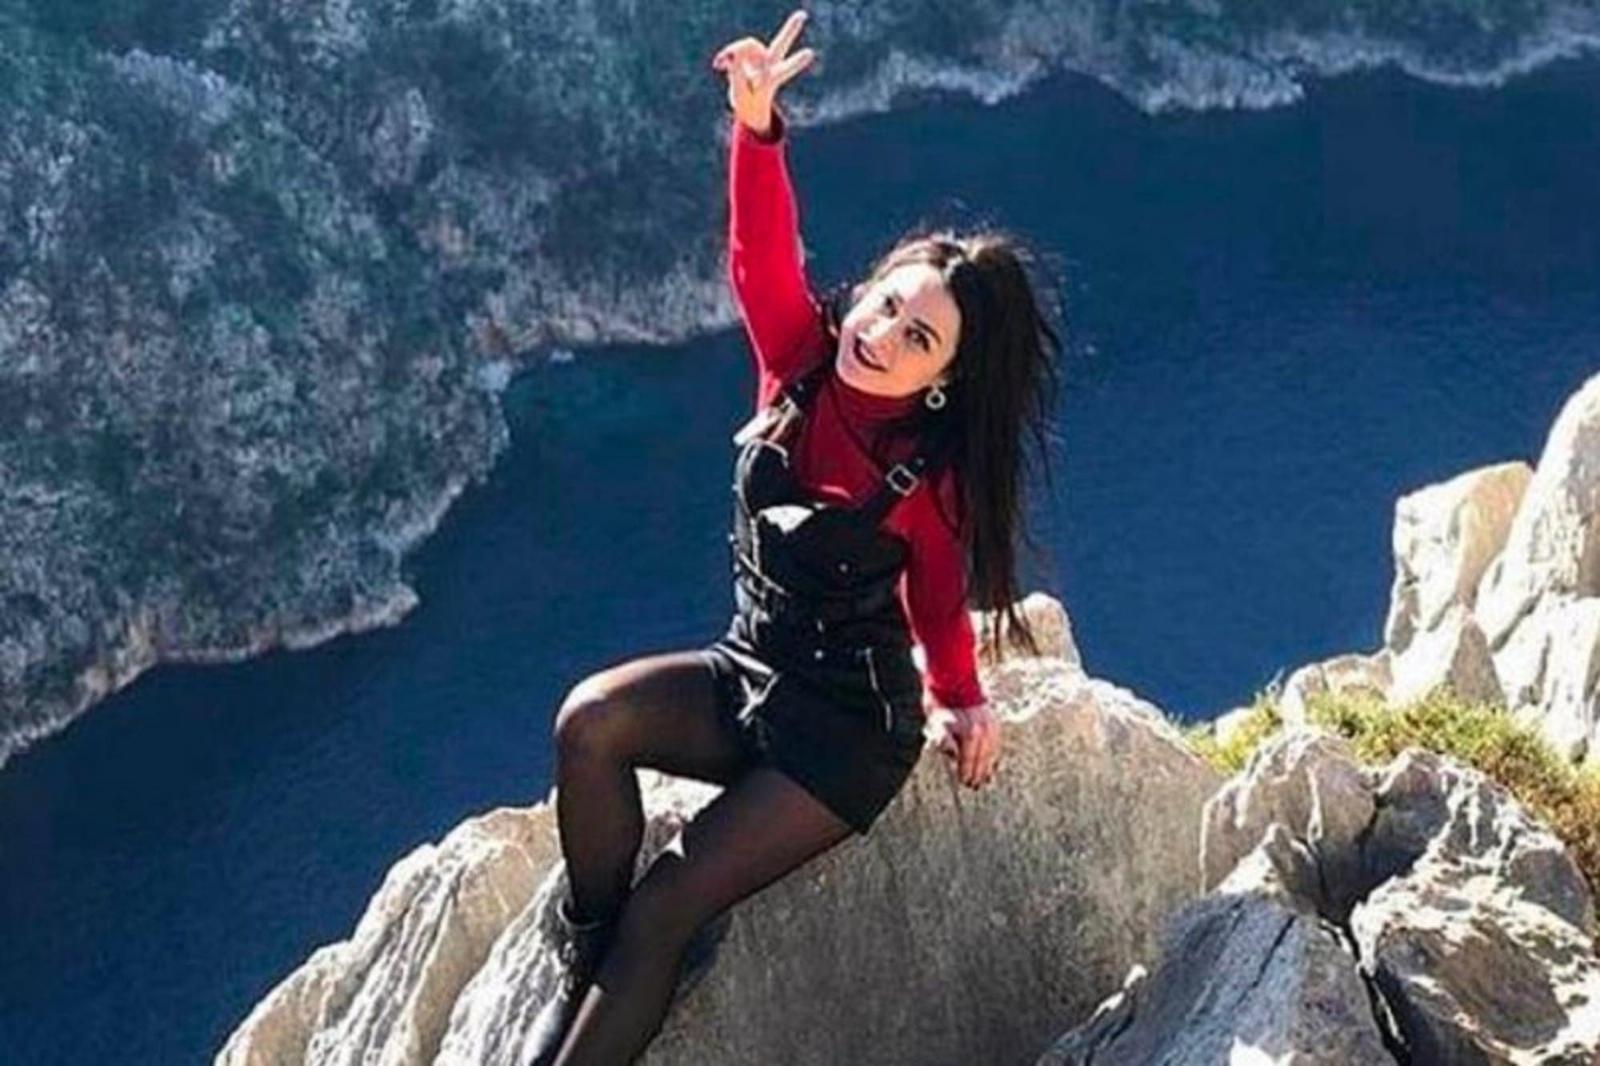 Mujer cae de un acantilado donde posaba para una foto